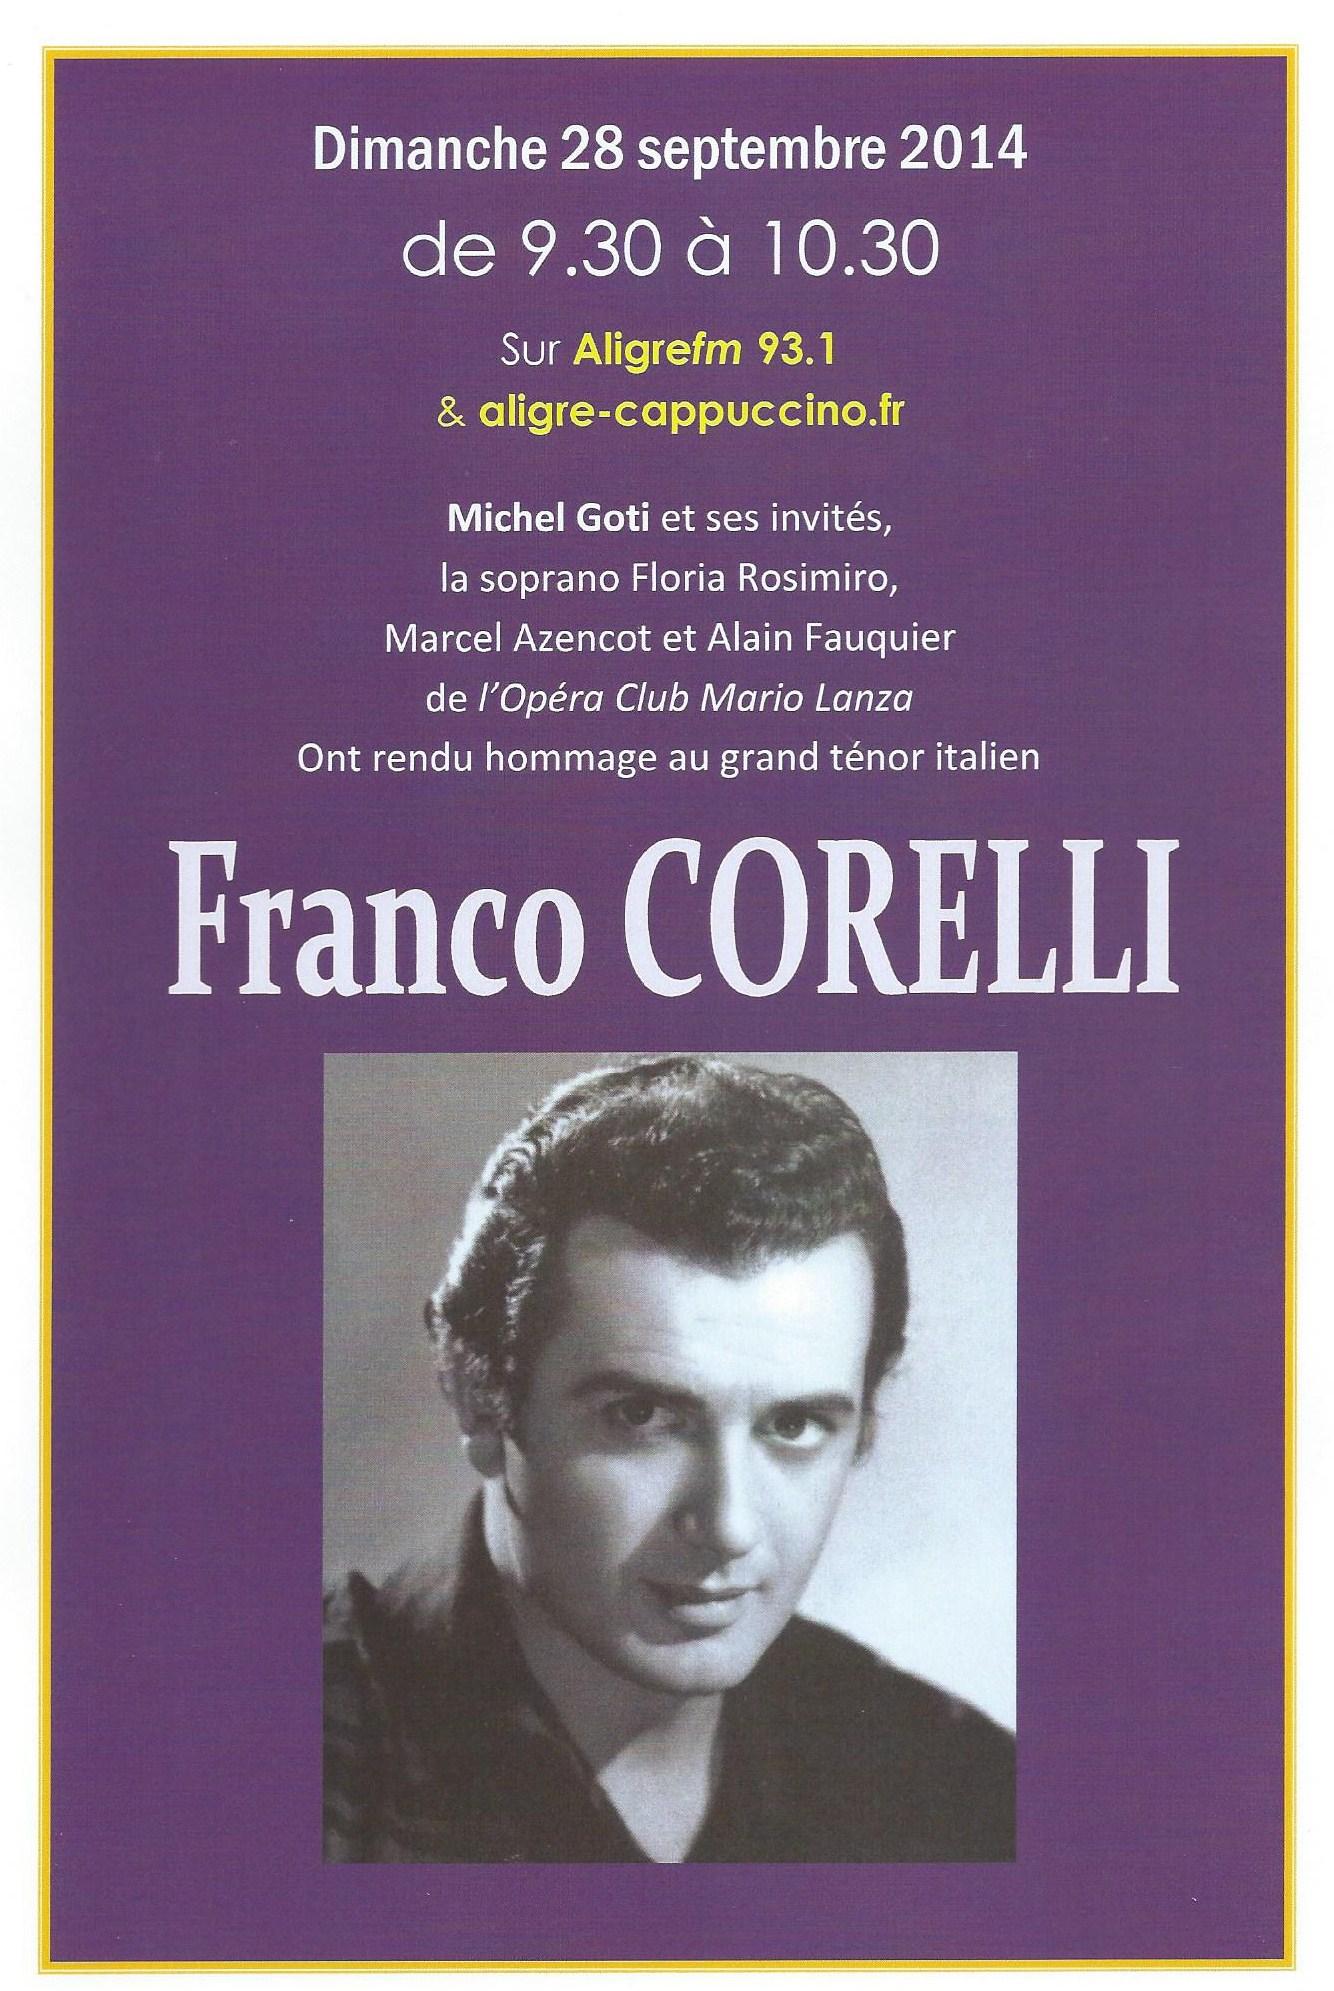 » Hommages Opera Lanza – De Paris Mario Club 6wT86qY